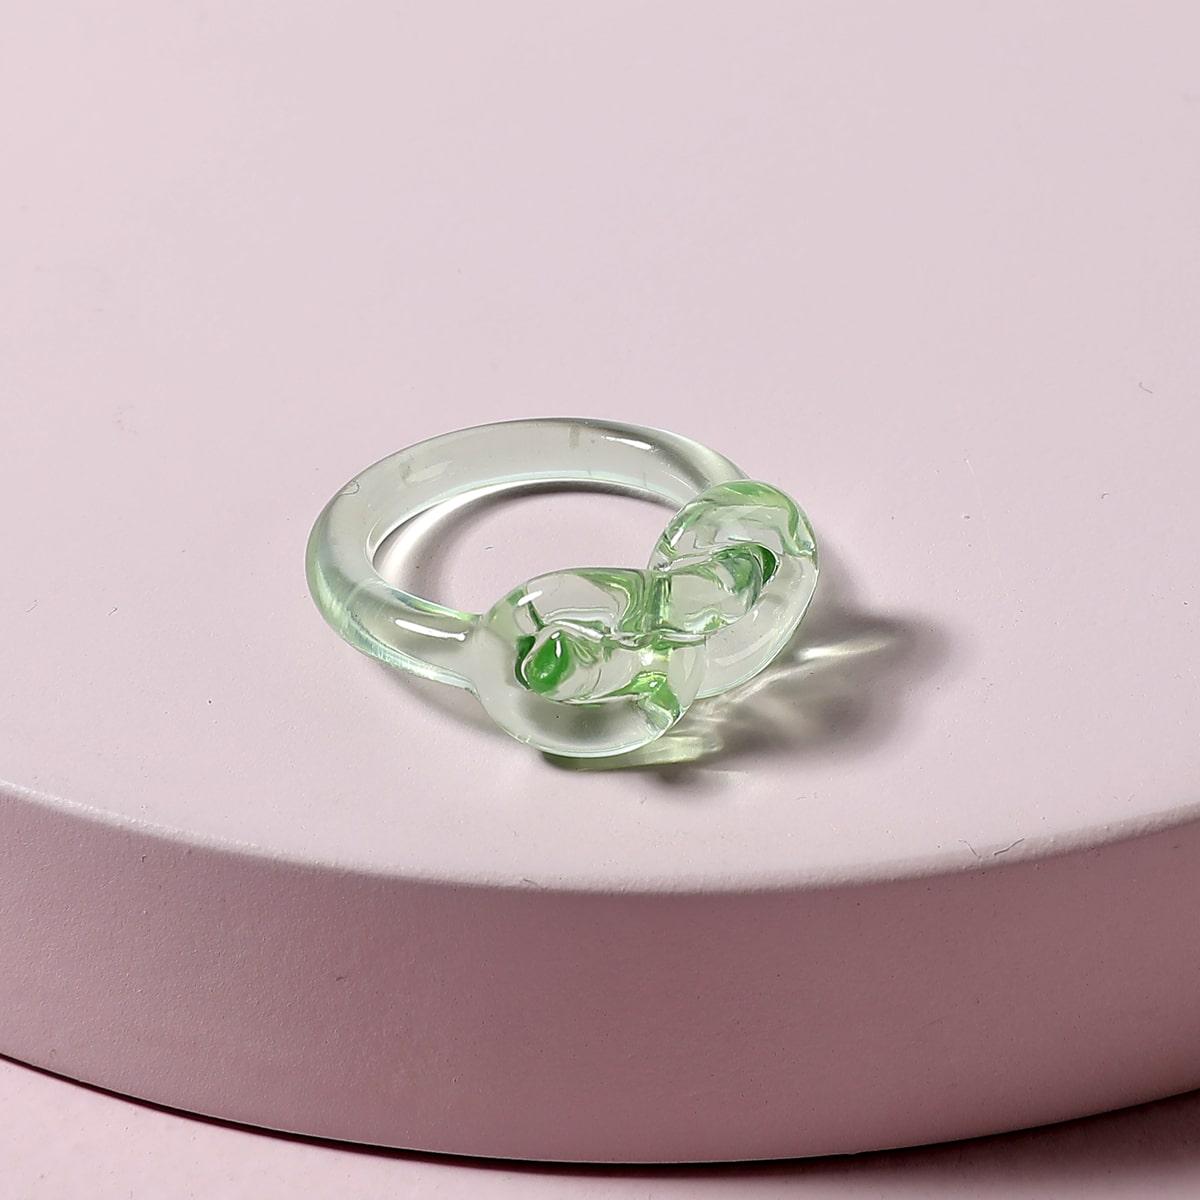 1шт прозрачное акриловое кольцо по цене 110